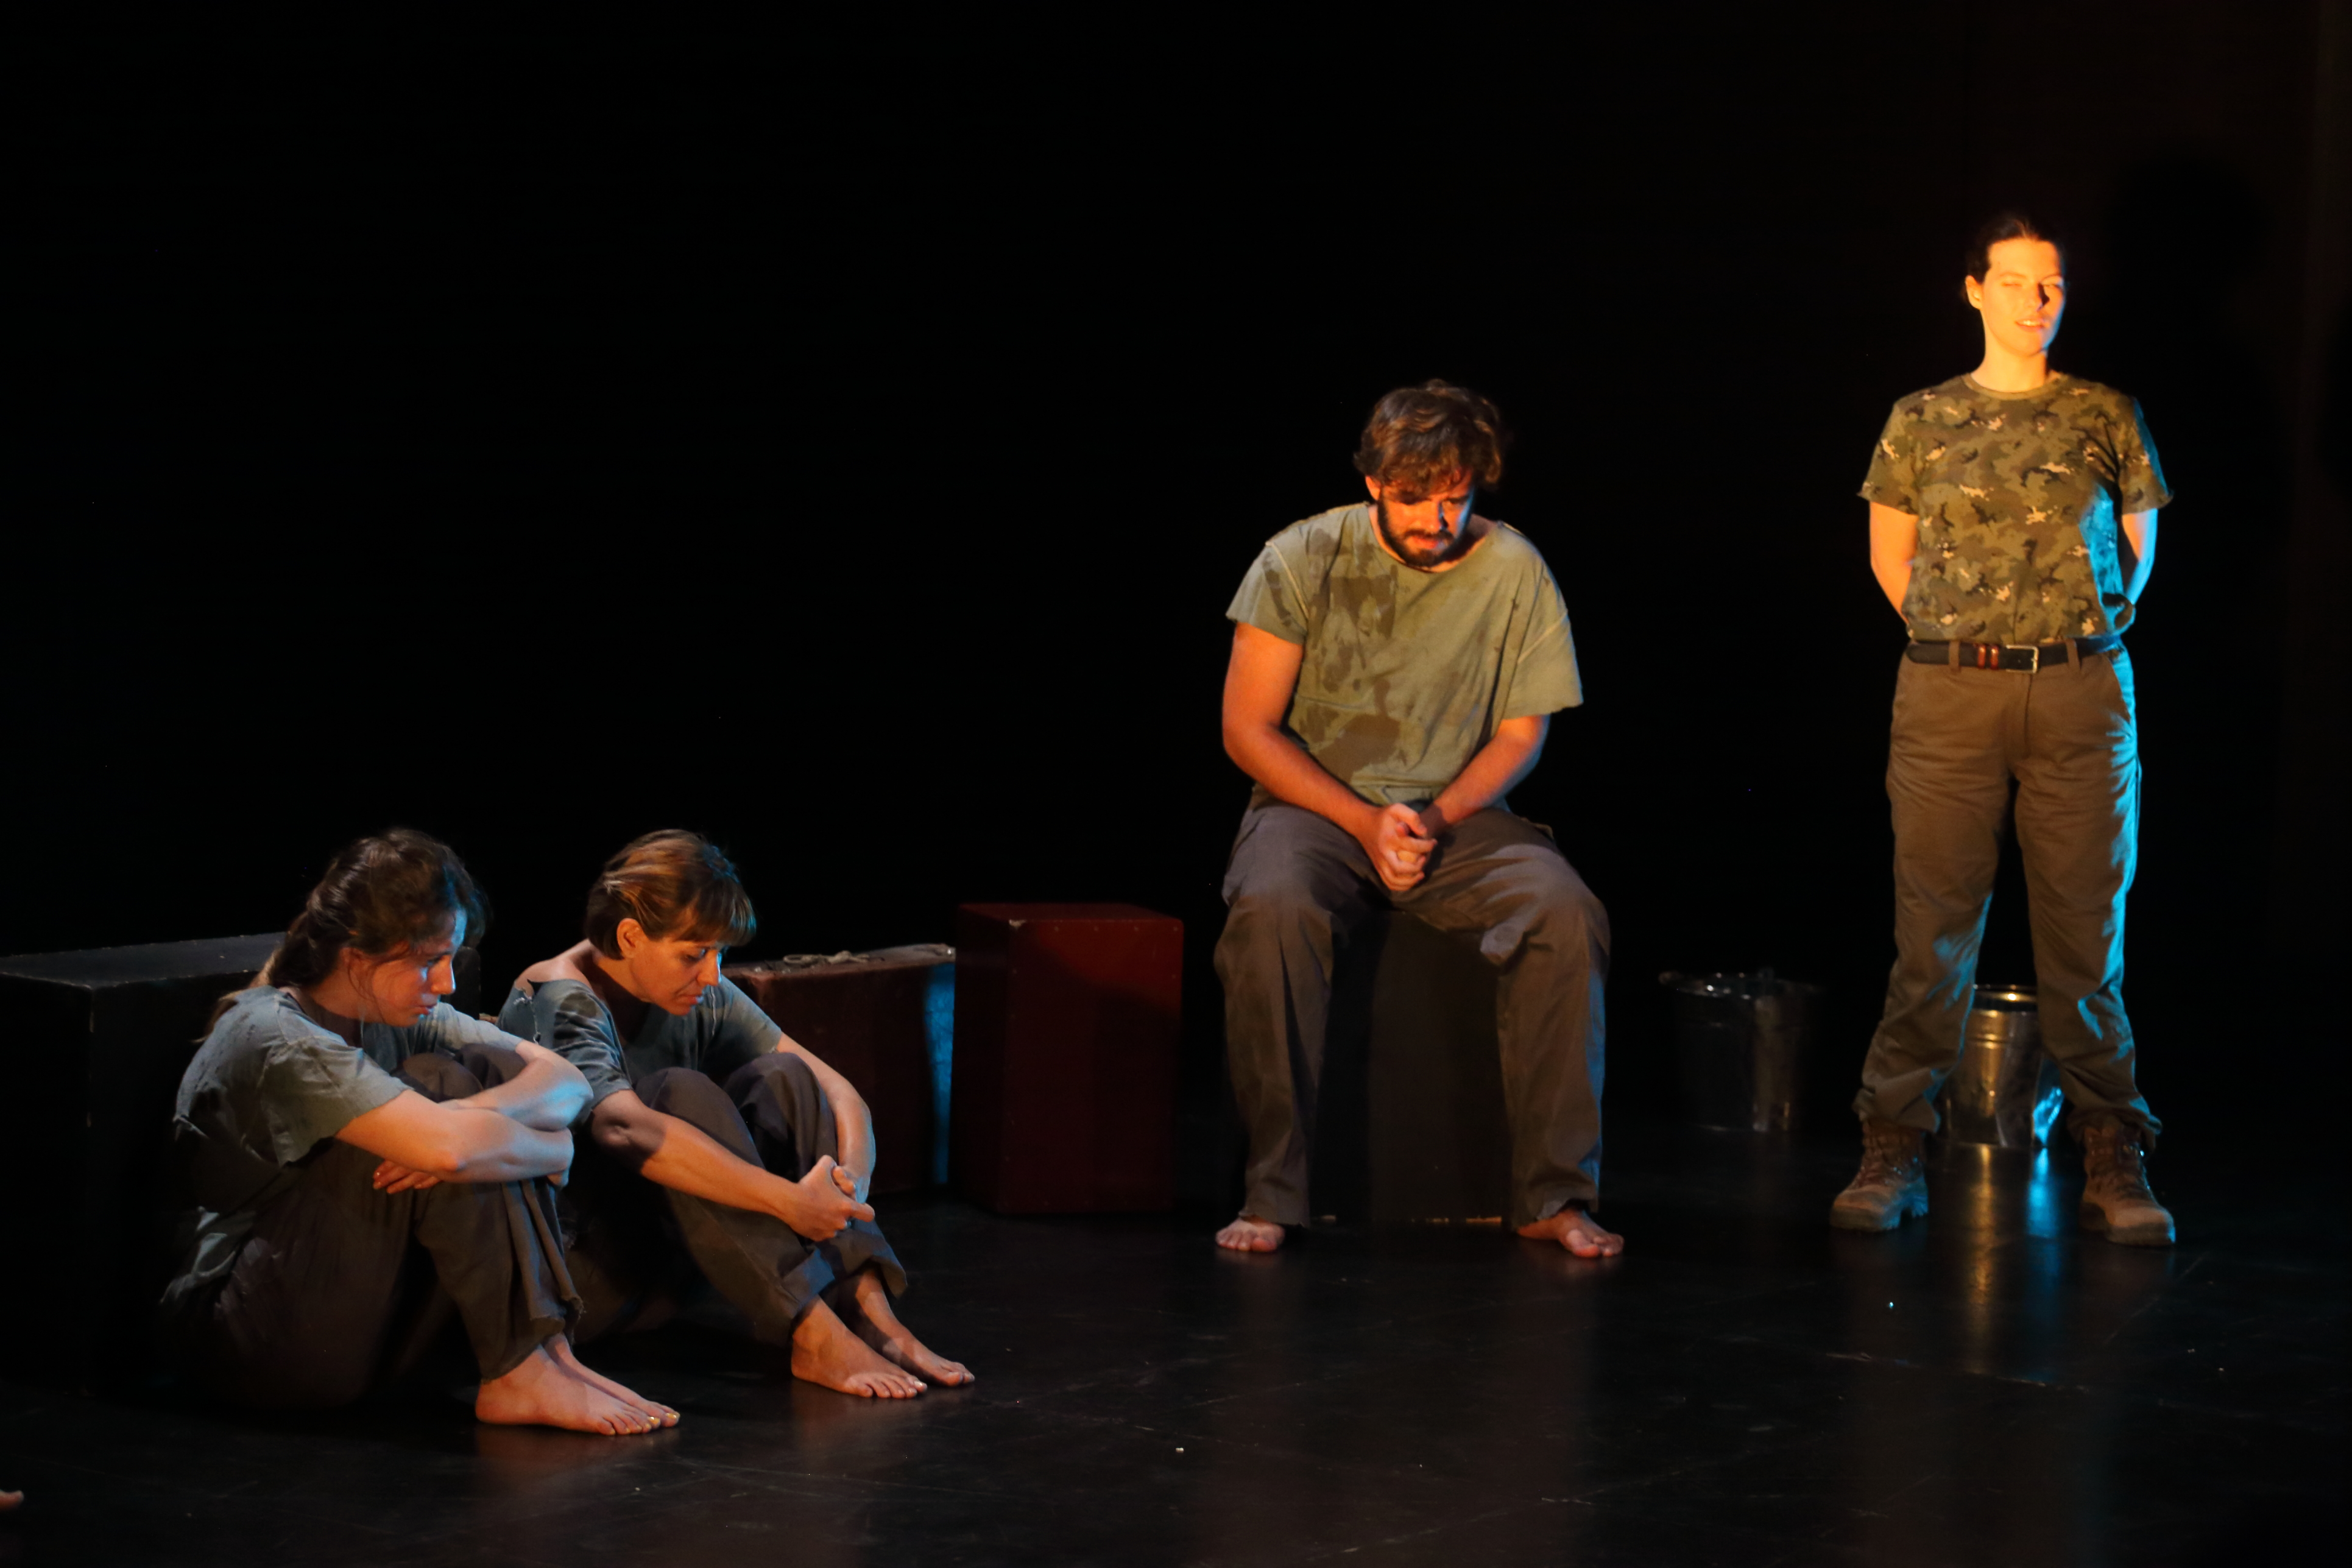 Una mirada, un pensament. Grup de Teatre de la Universitat Miguel Hernández d'Elx